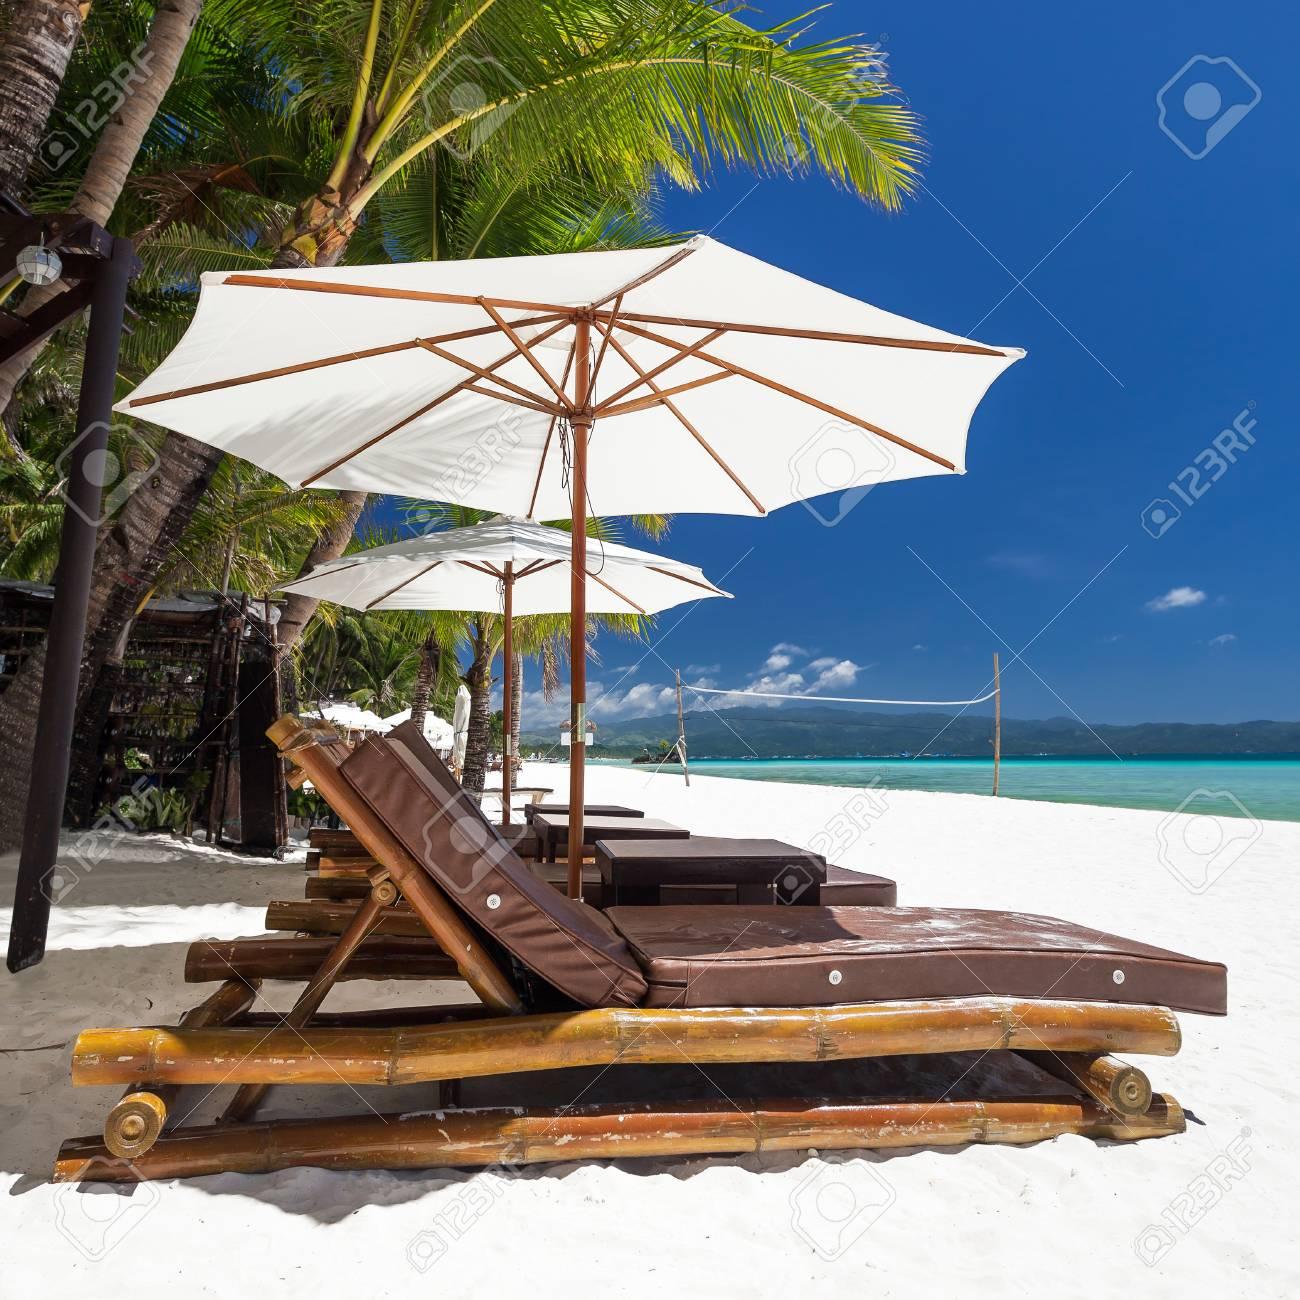 MagnifiquePhilippinesBoracay Île Une Longues Chaises Et Parasols Sur srtQhd